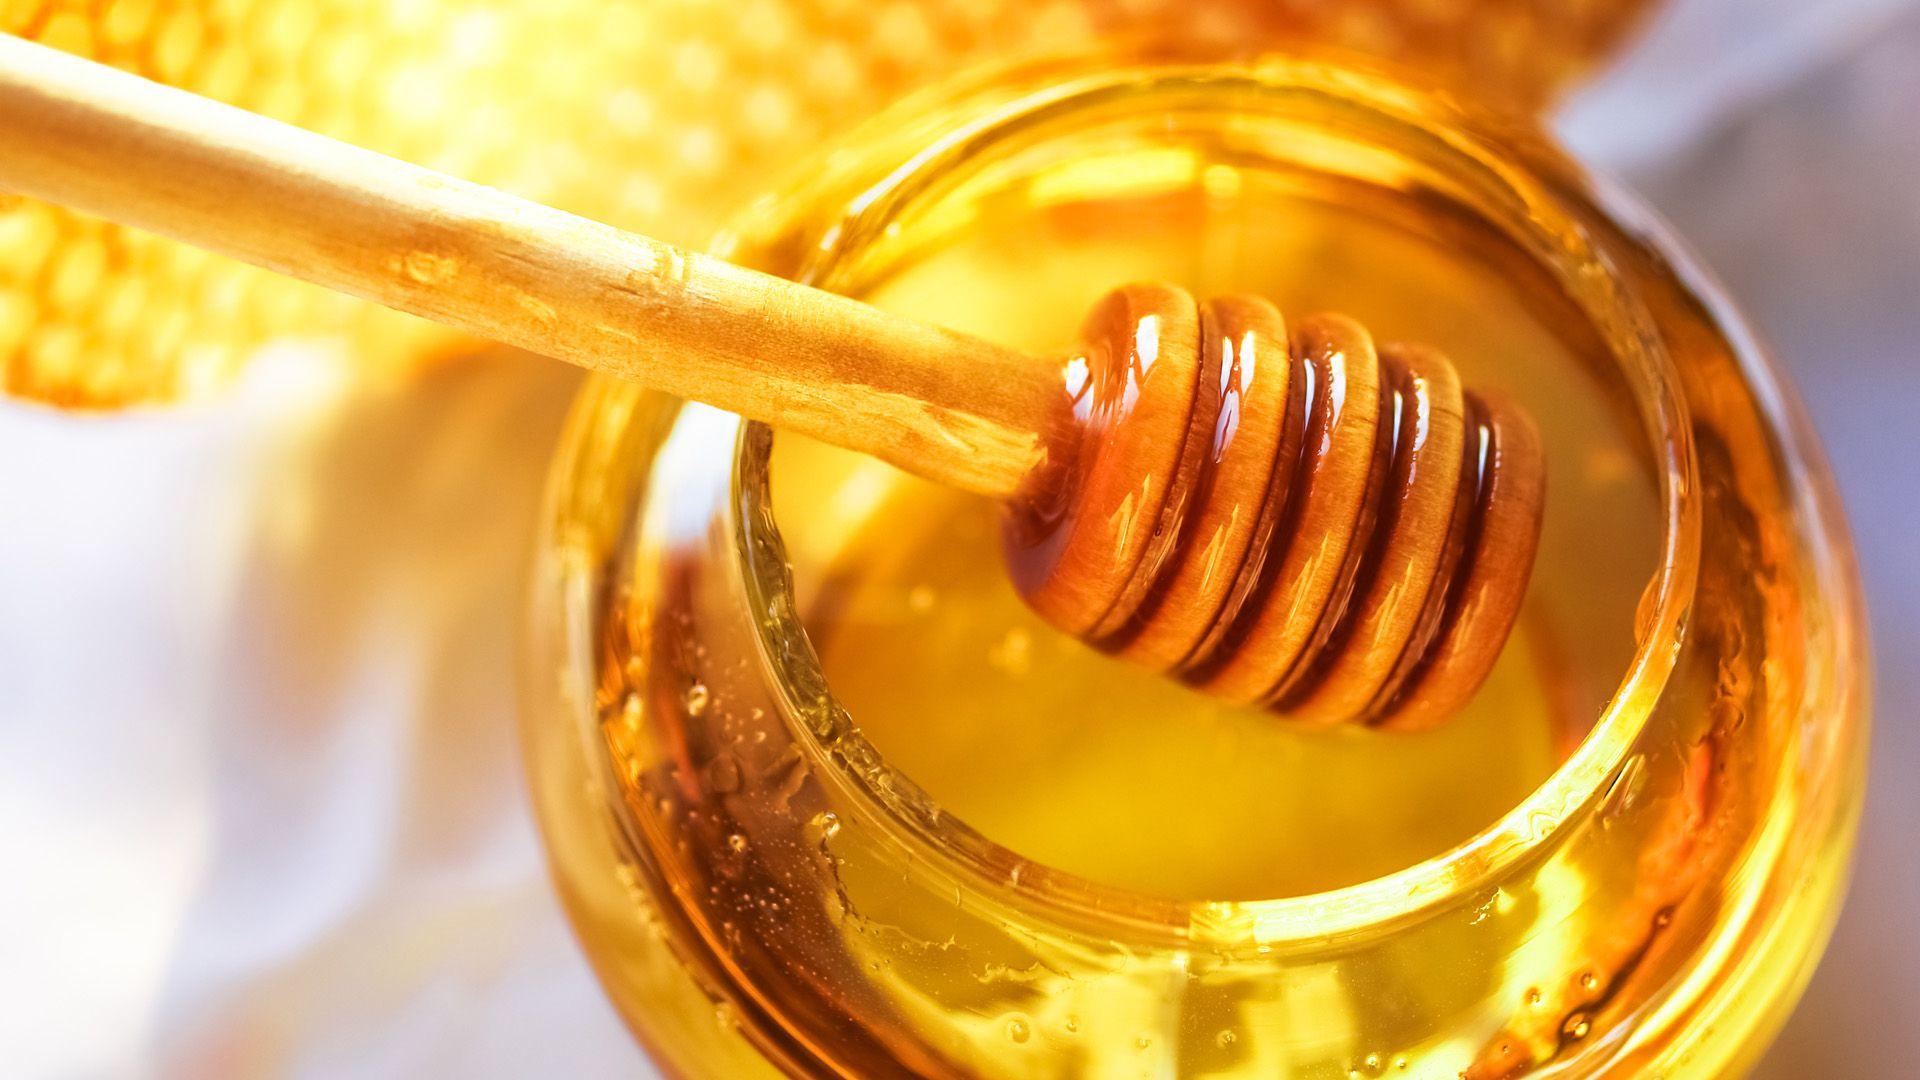 Un aceite de oliva y una mil de abejas fueron prohibidos este lunes por la Administración Nacional de Medicamentos, Alimentos y Tecnología Médica (Shutterstock)